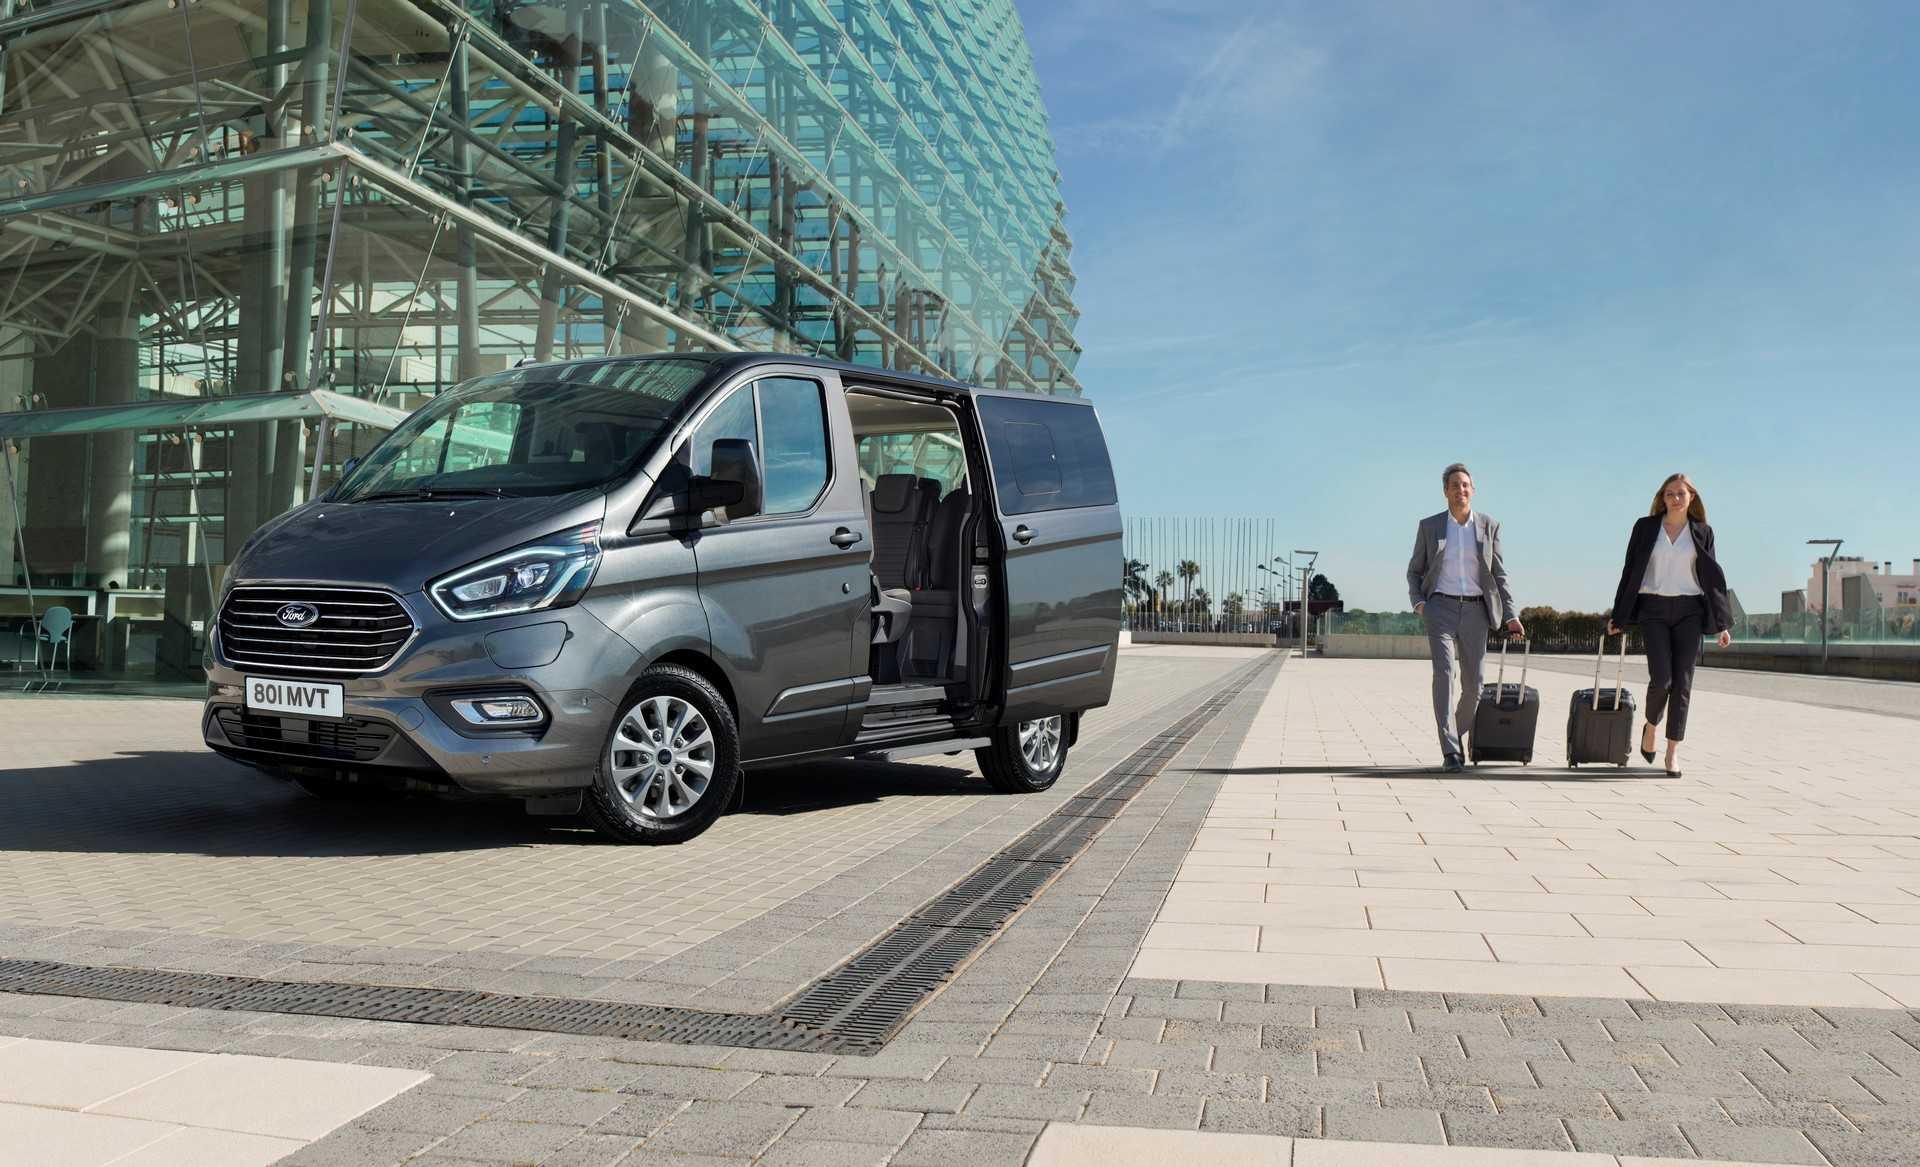 В сша представили электрический ford e-transit с запасом хода 200 км